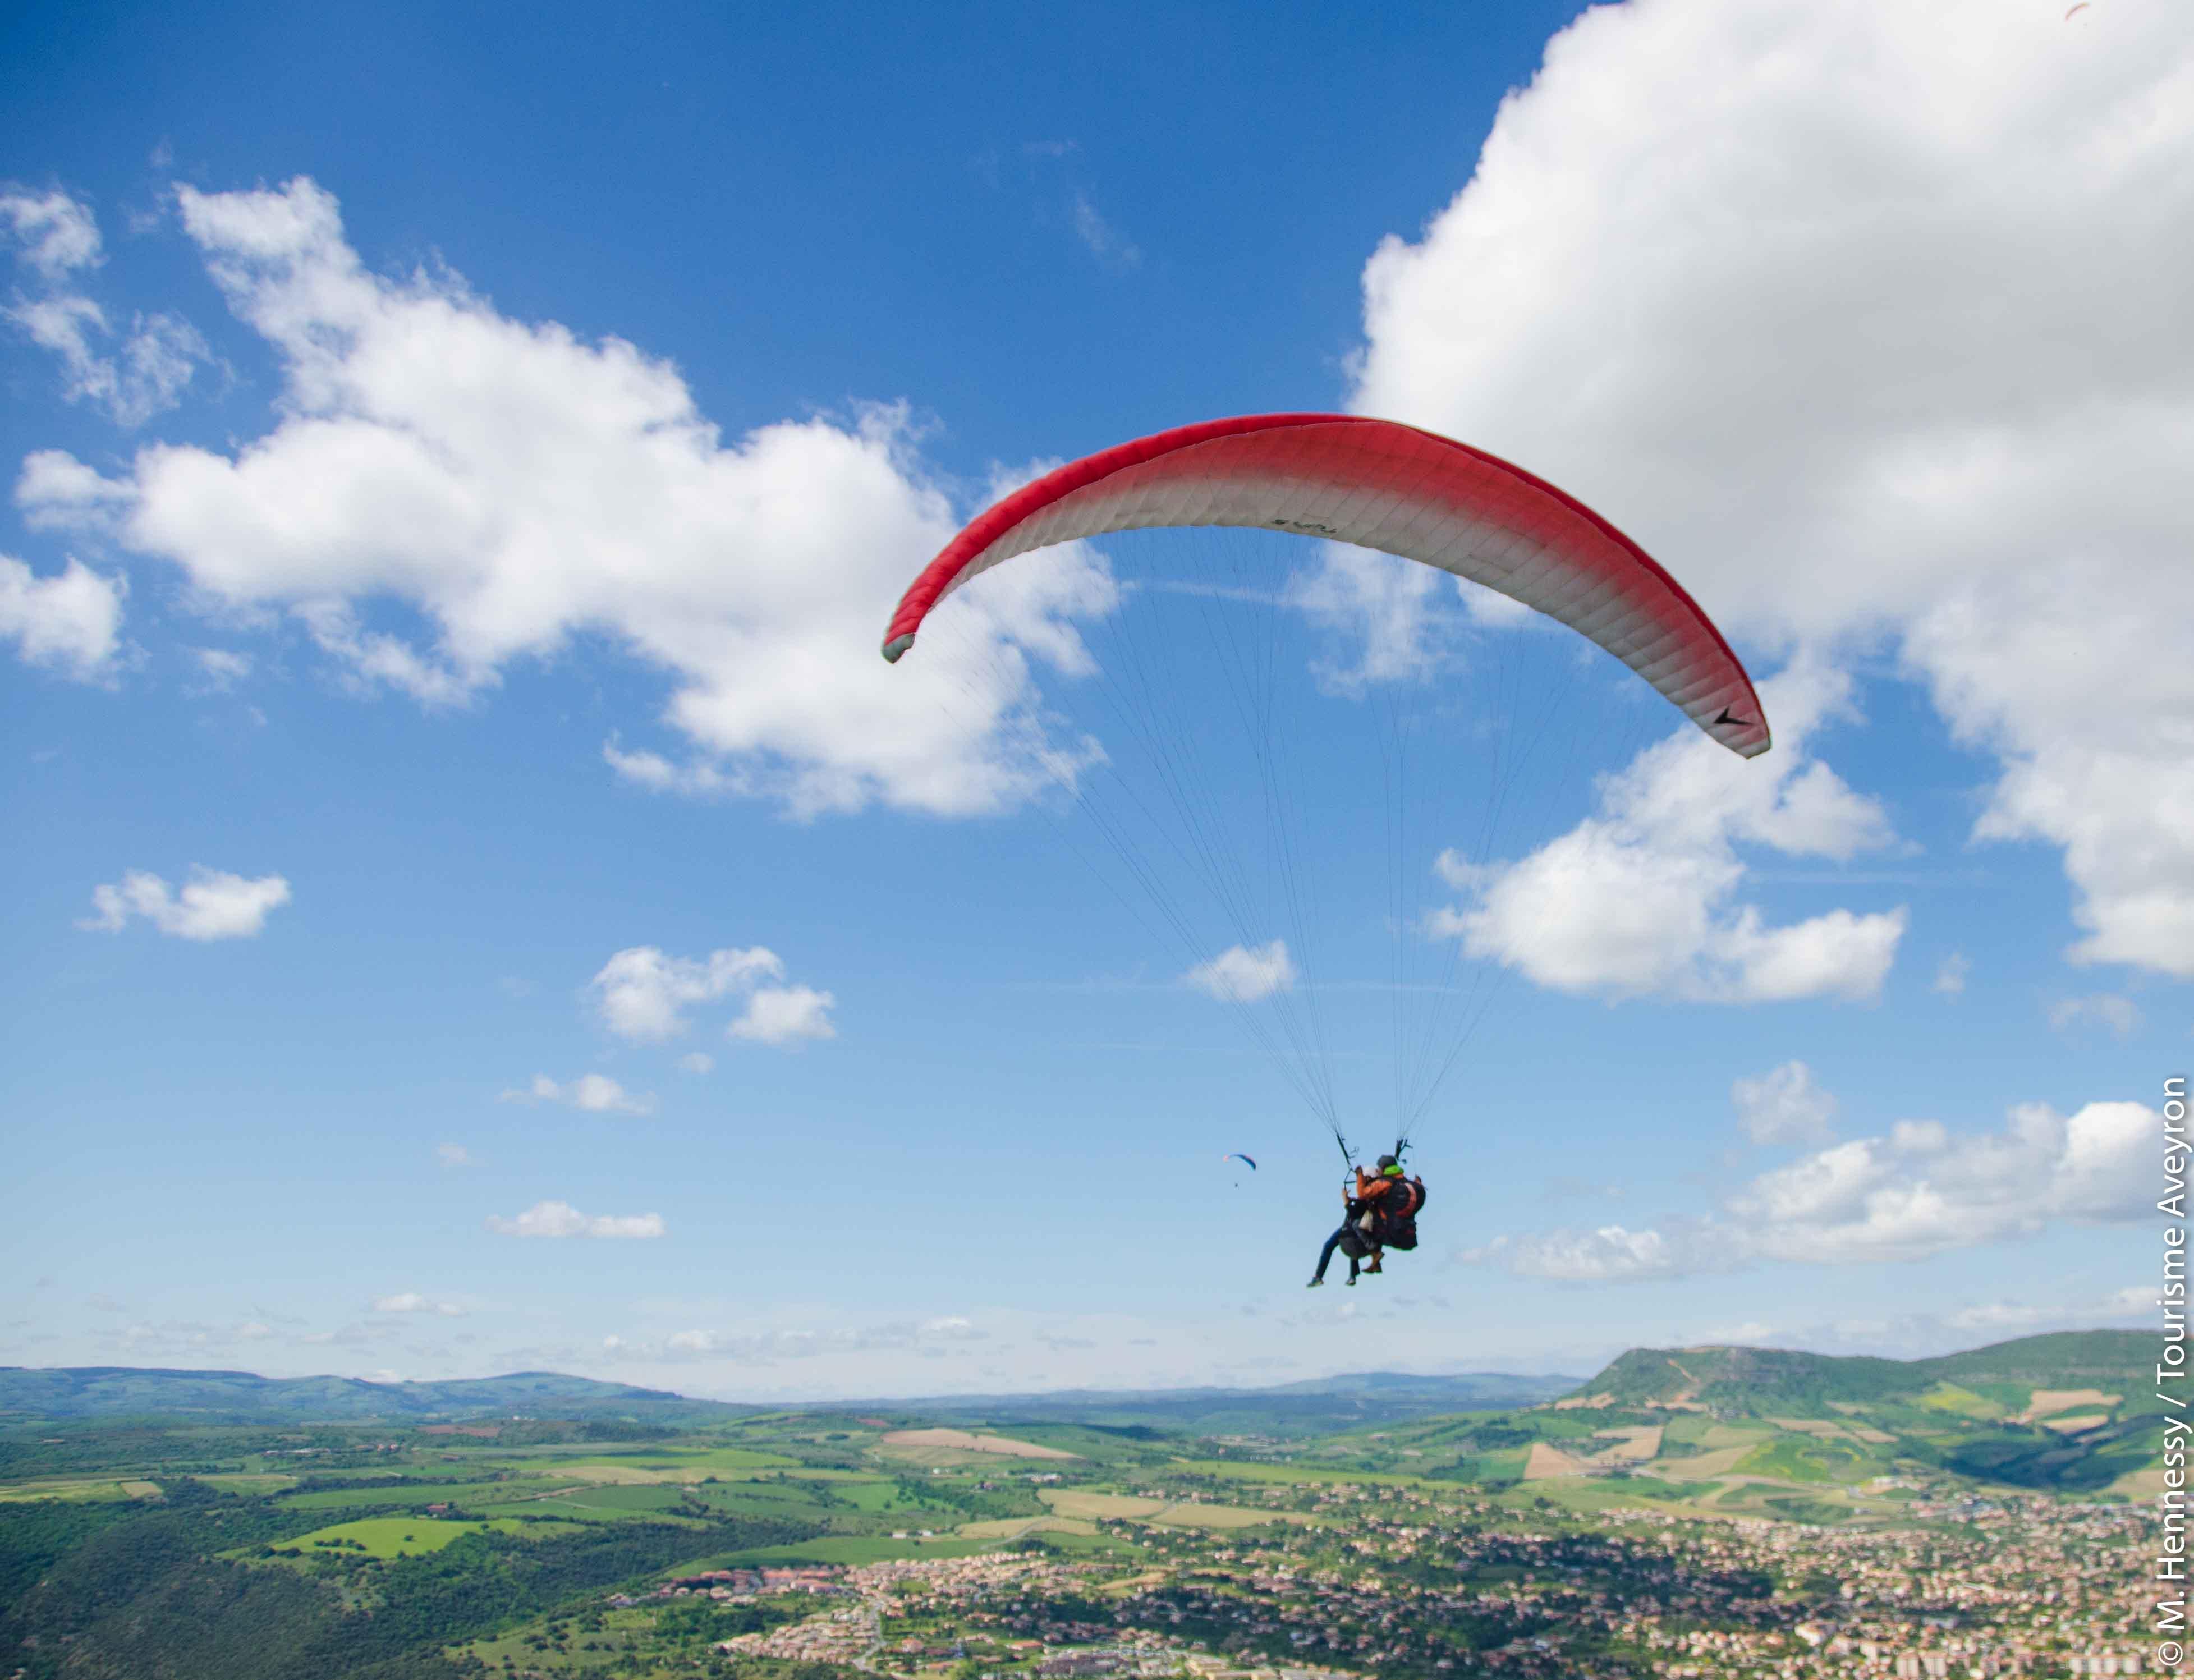 Parapente en binome au-dessus de Millau, Aveyron-2© M. Hennessy - Tourisme Aveyron